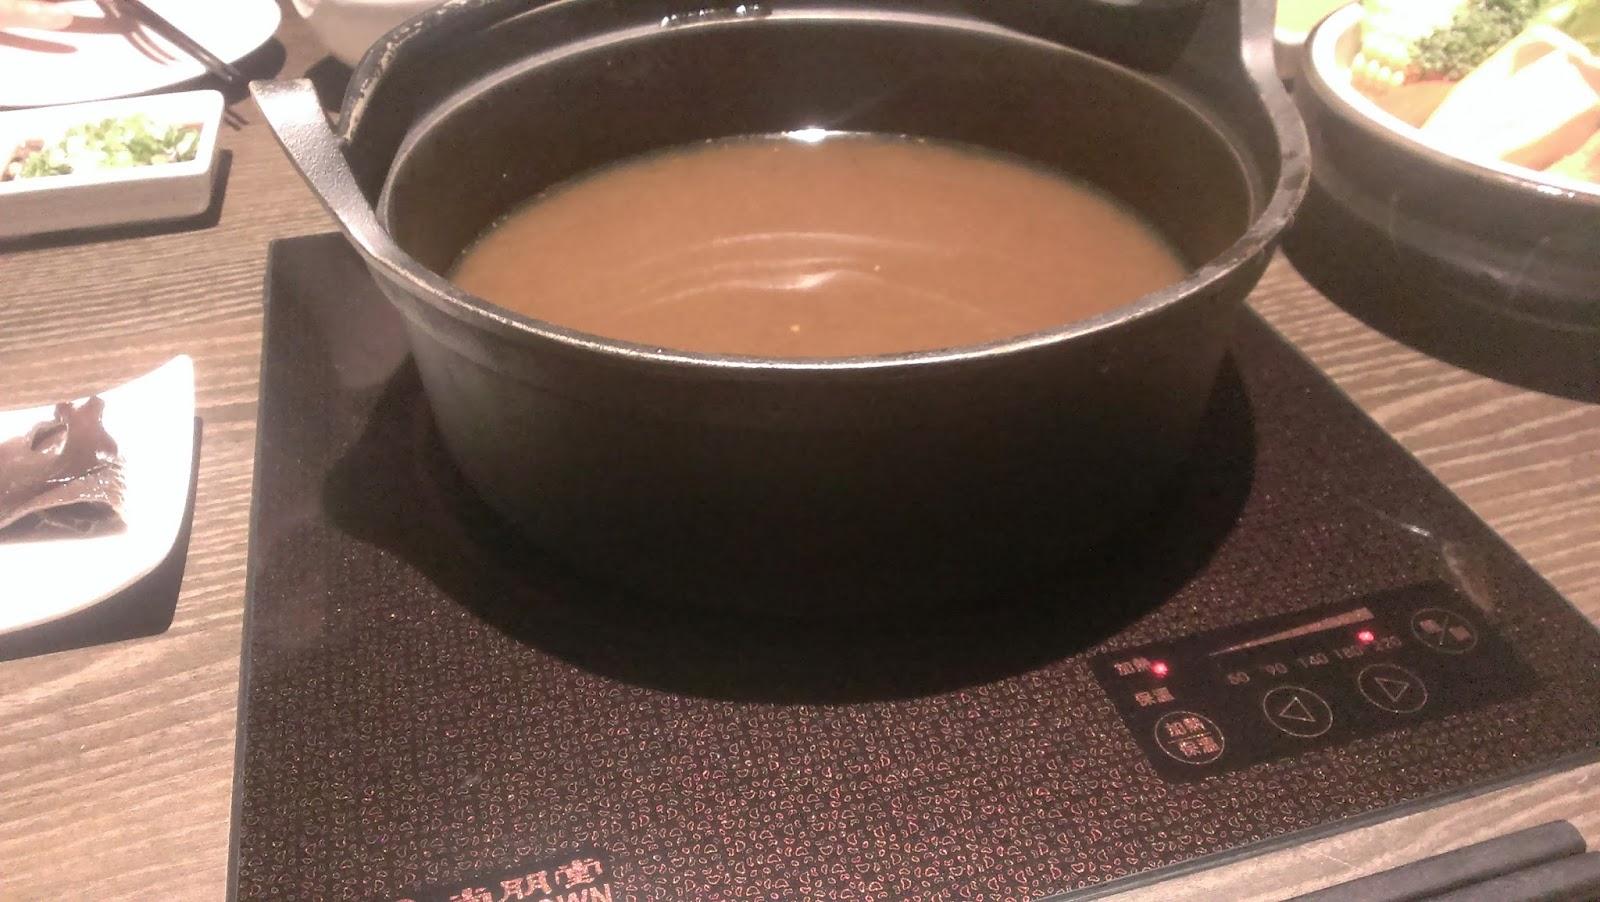 2014 11 08%2B18.32.48 - [食記] 香聚鍋 - 高價、精緻的火鍋,食材新鮮多樣適合好久不見的小聚